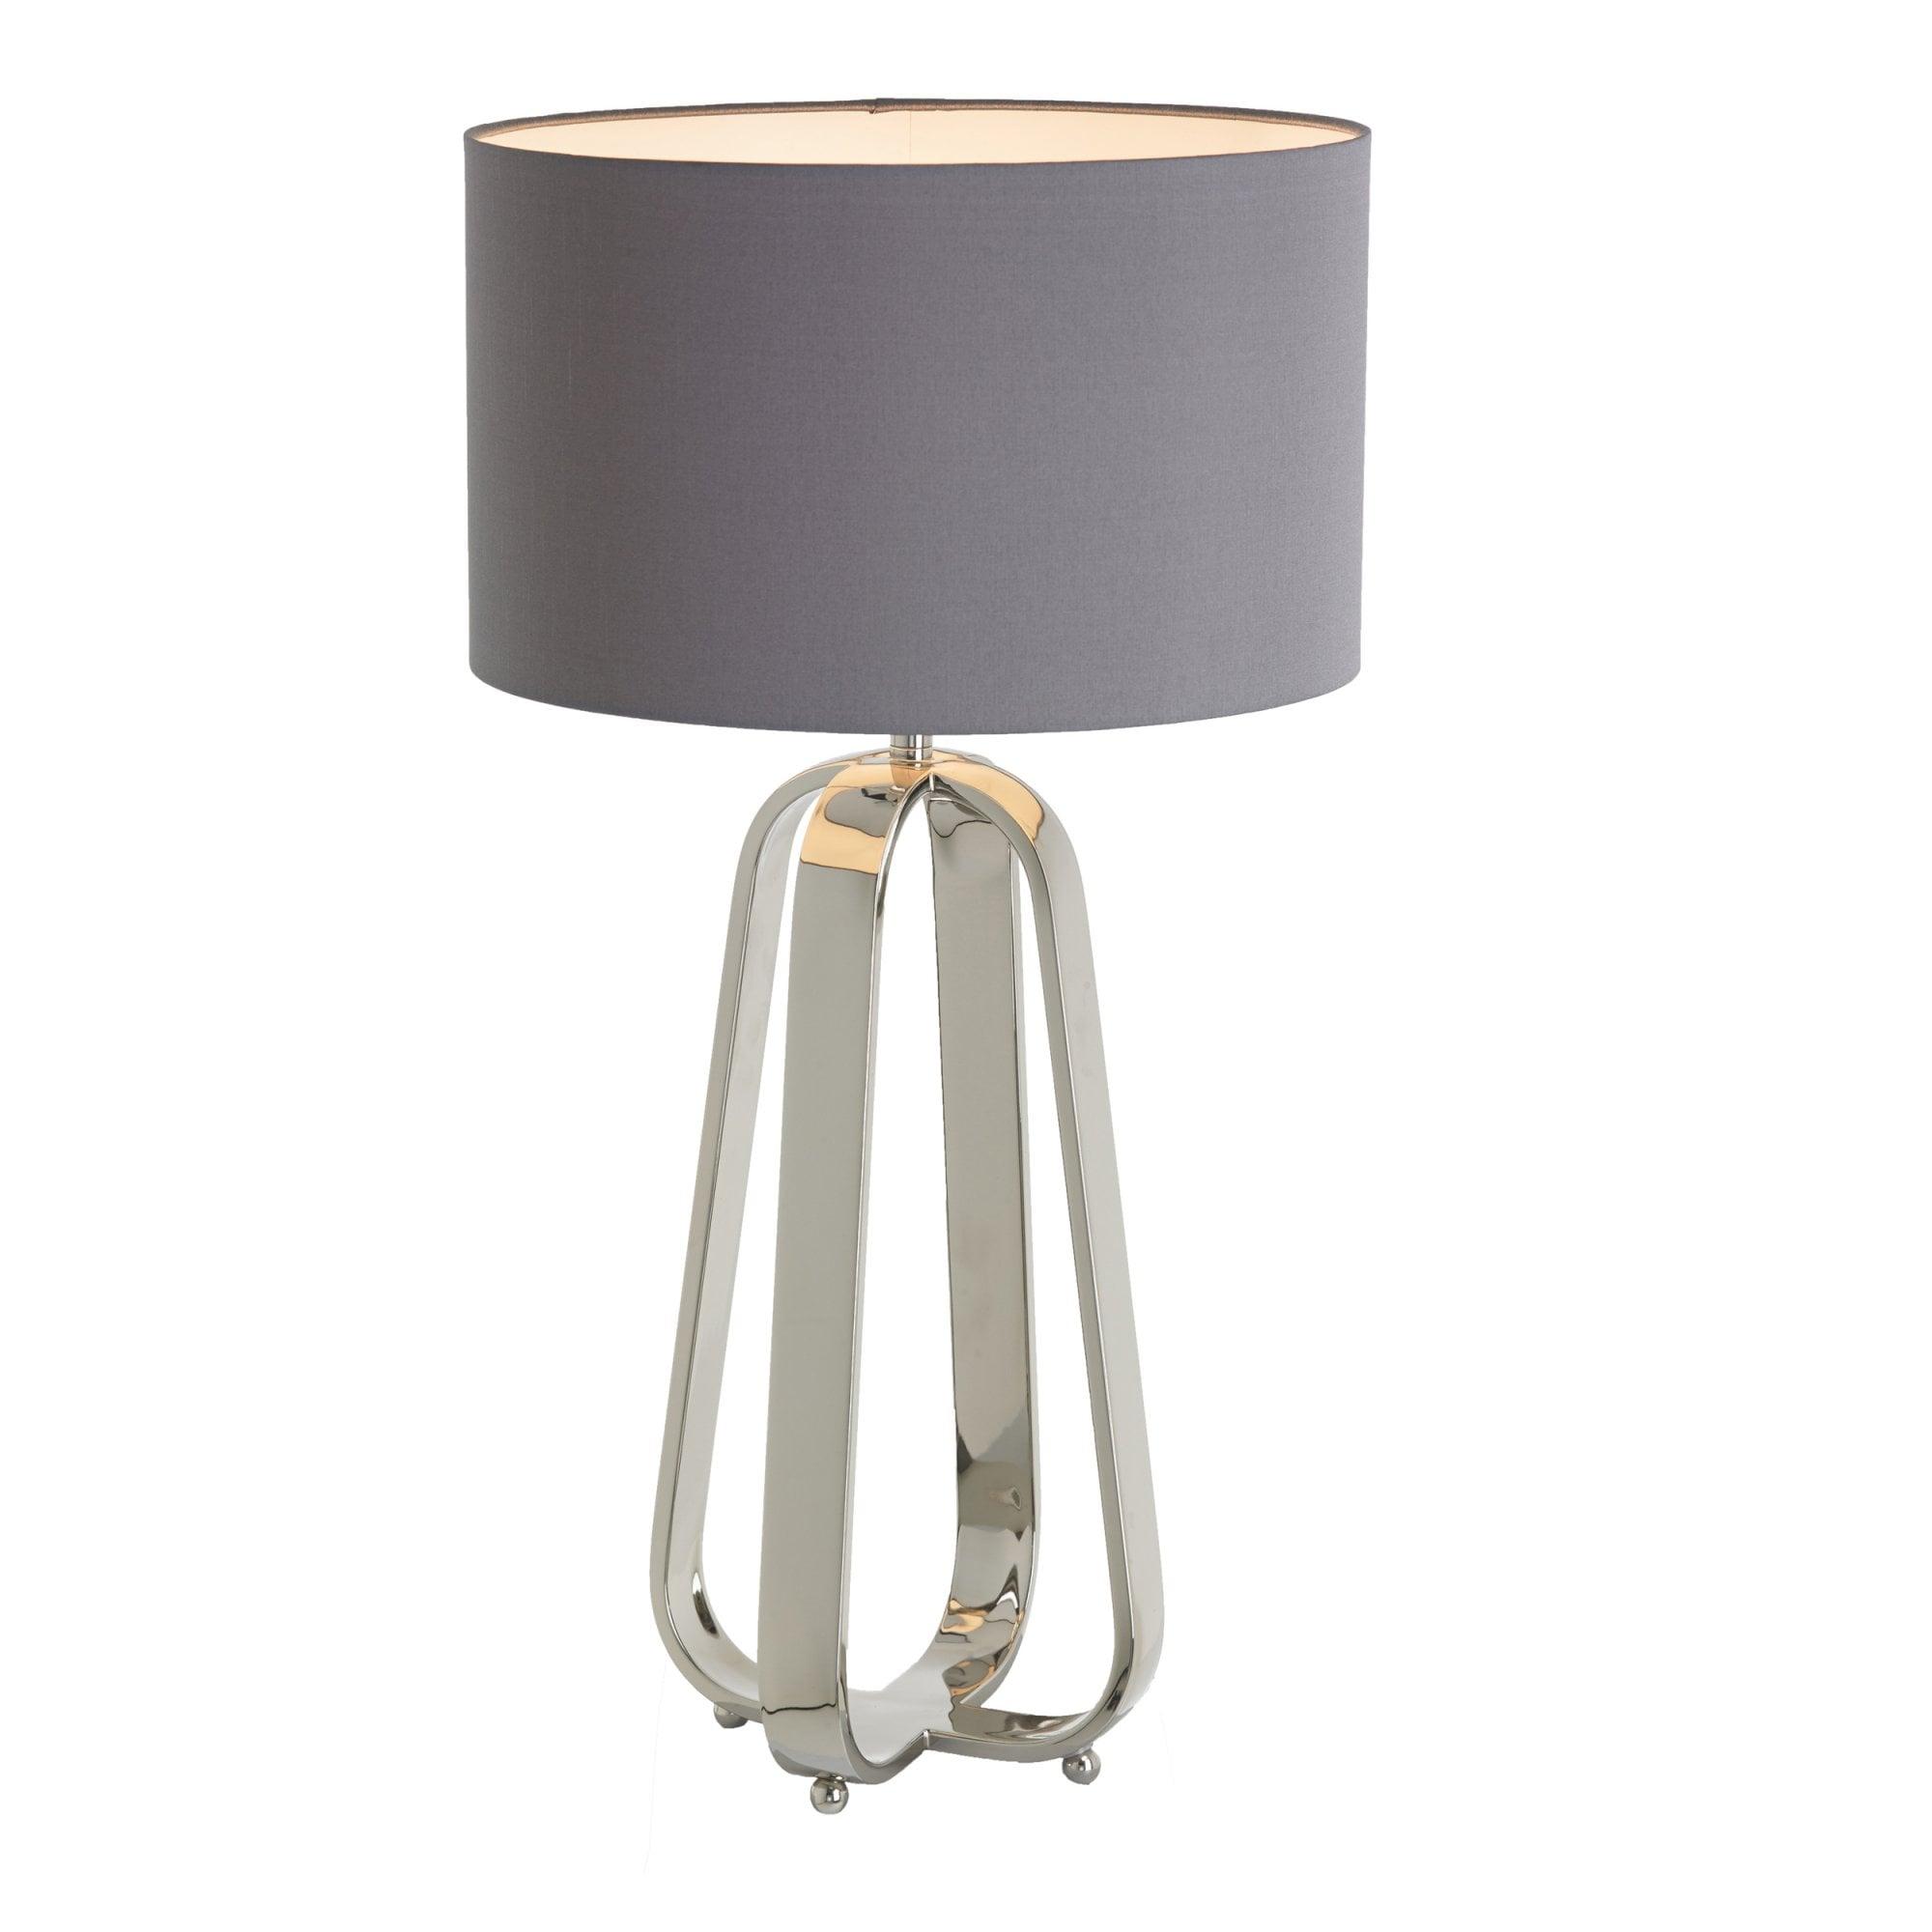 Victoria Nickel Table Lamp by RV Astley